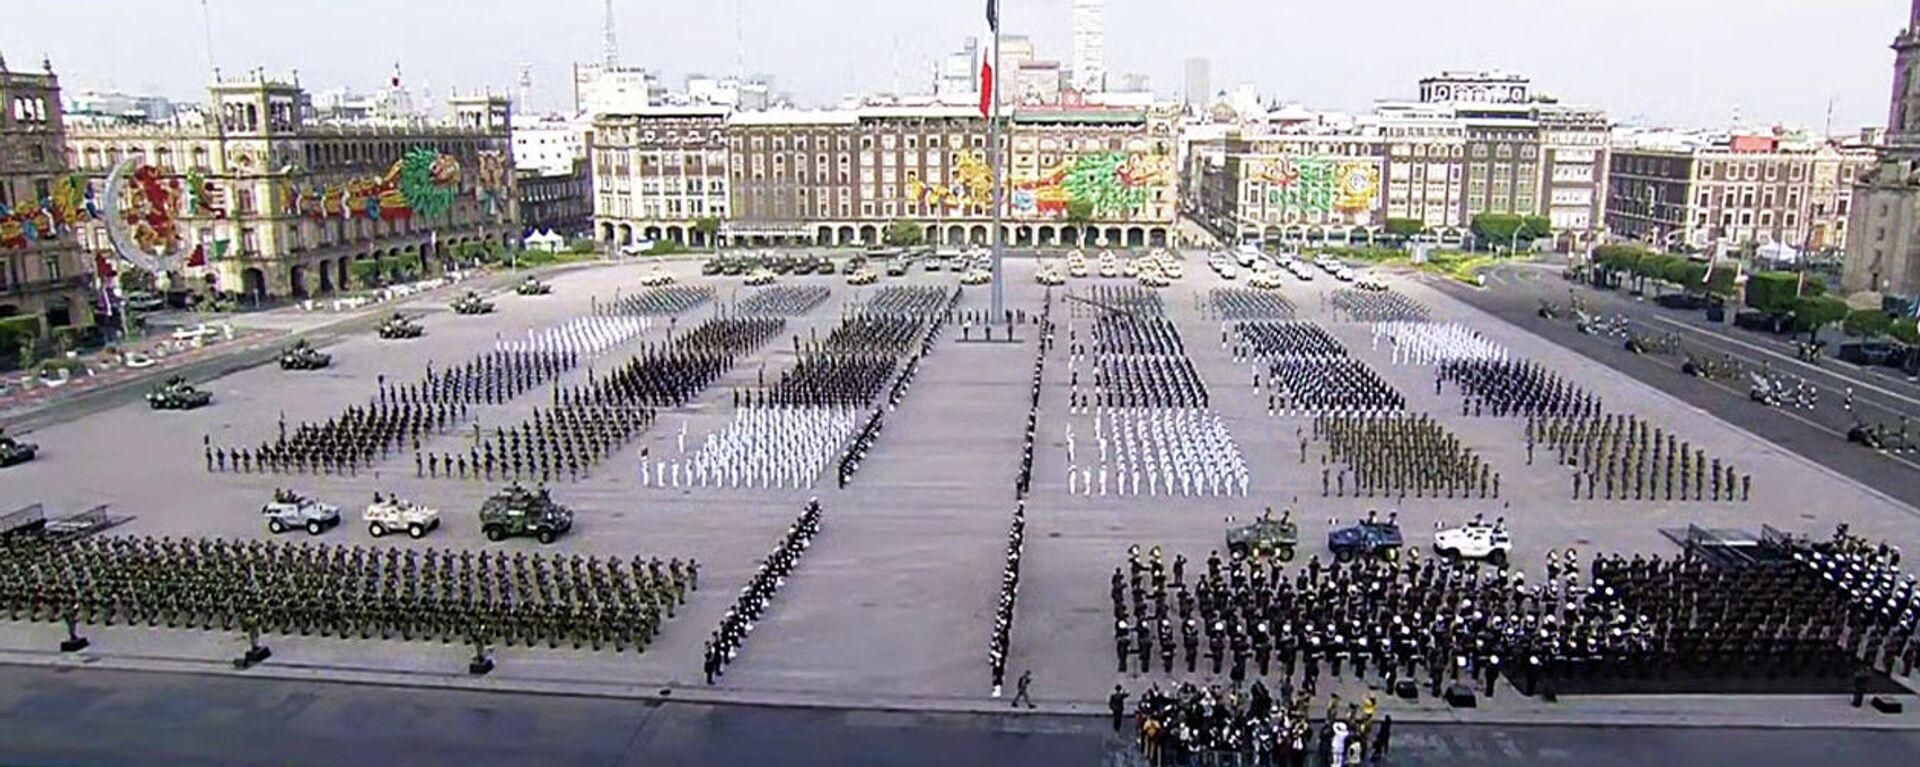 Desfile militar en México por los 200 años de la consumación de la Independencia  - Sputnik Mundo, 1920, 16.09.2021